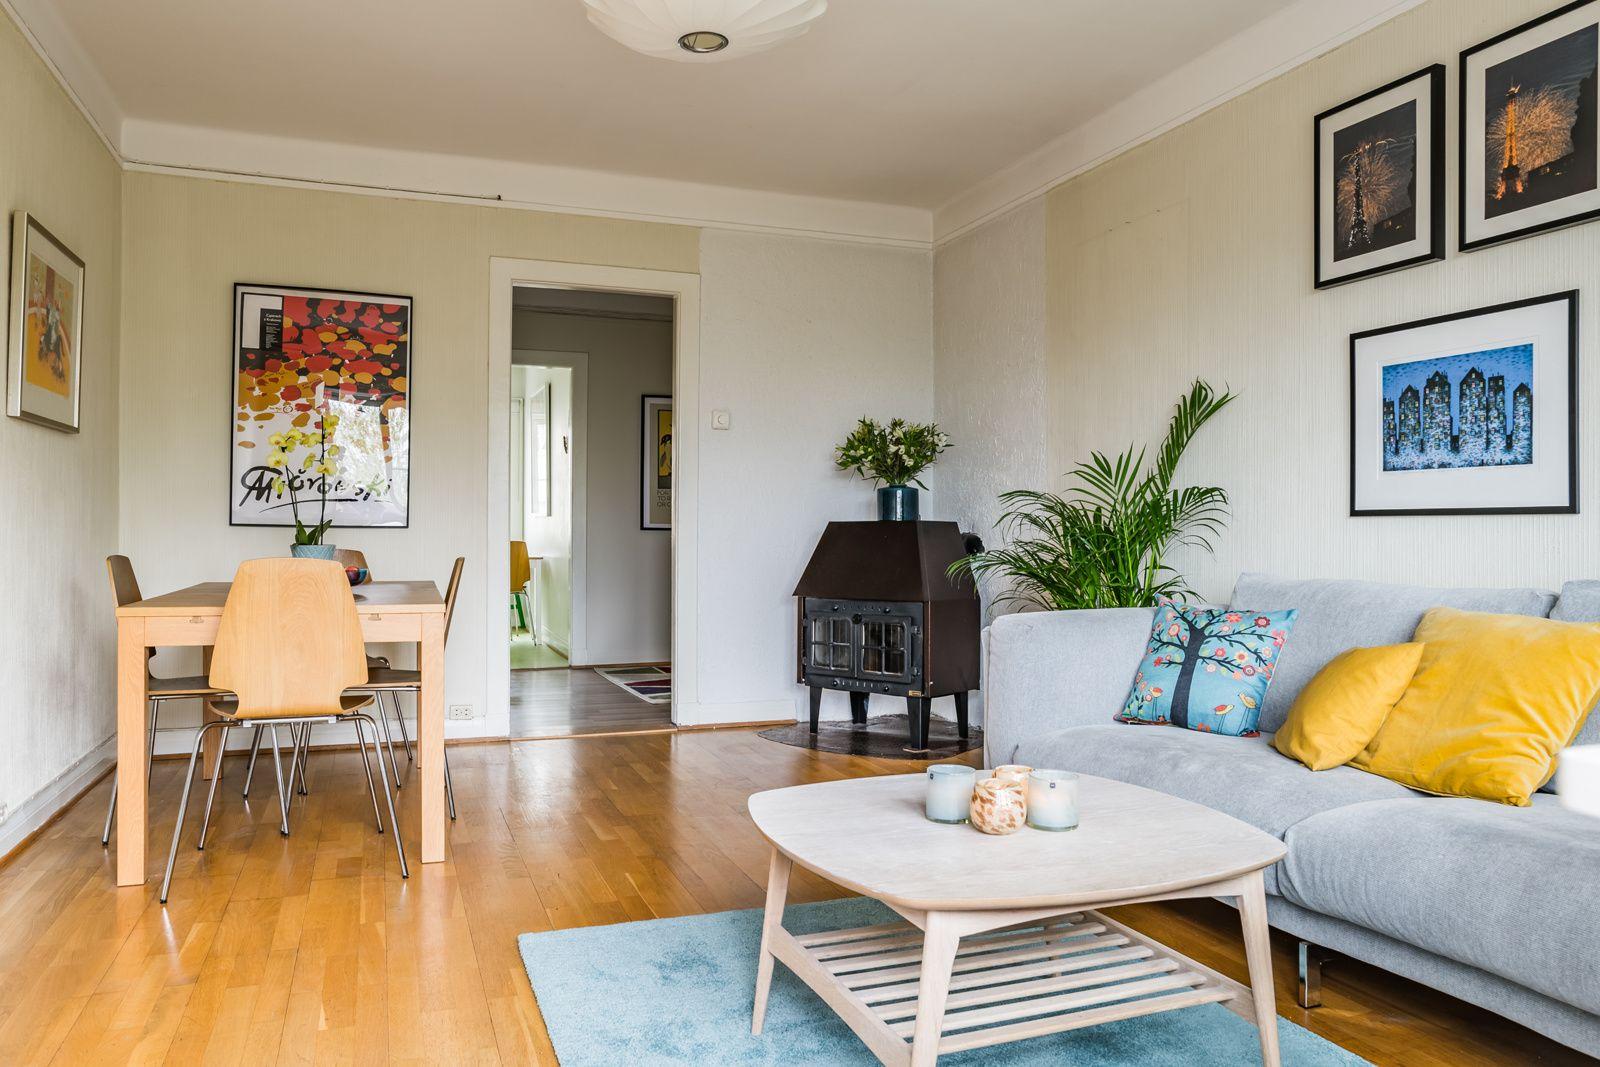 Etterstadsletta 4 I Plass til spisegruppe og sofa i stuen